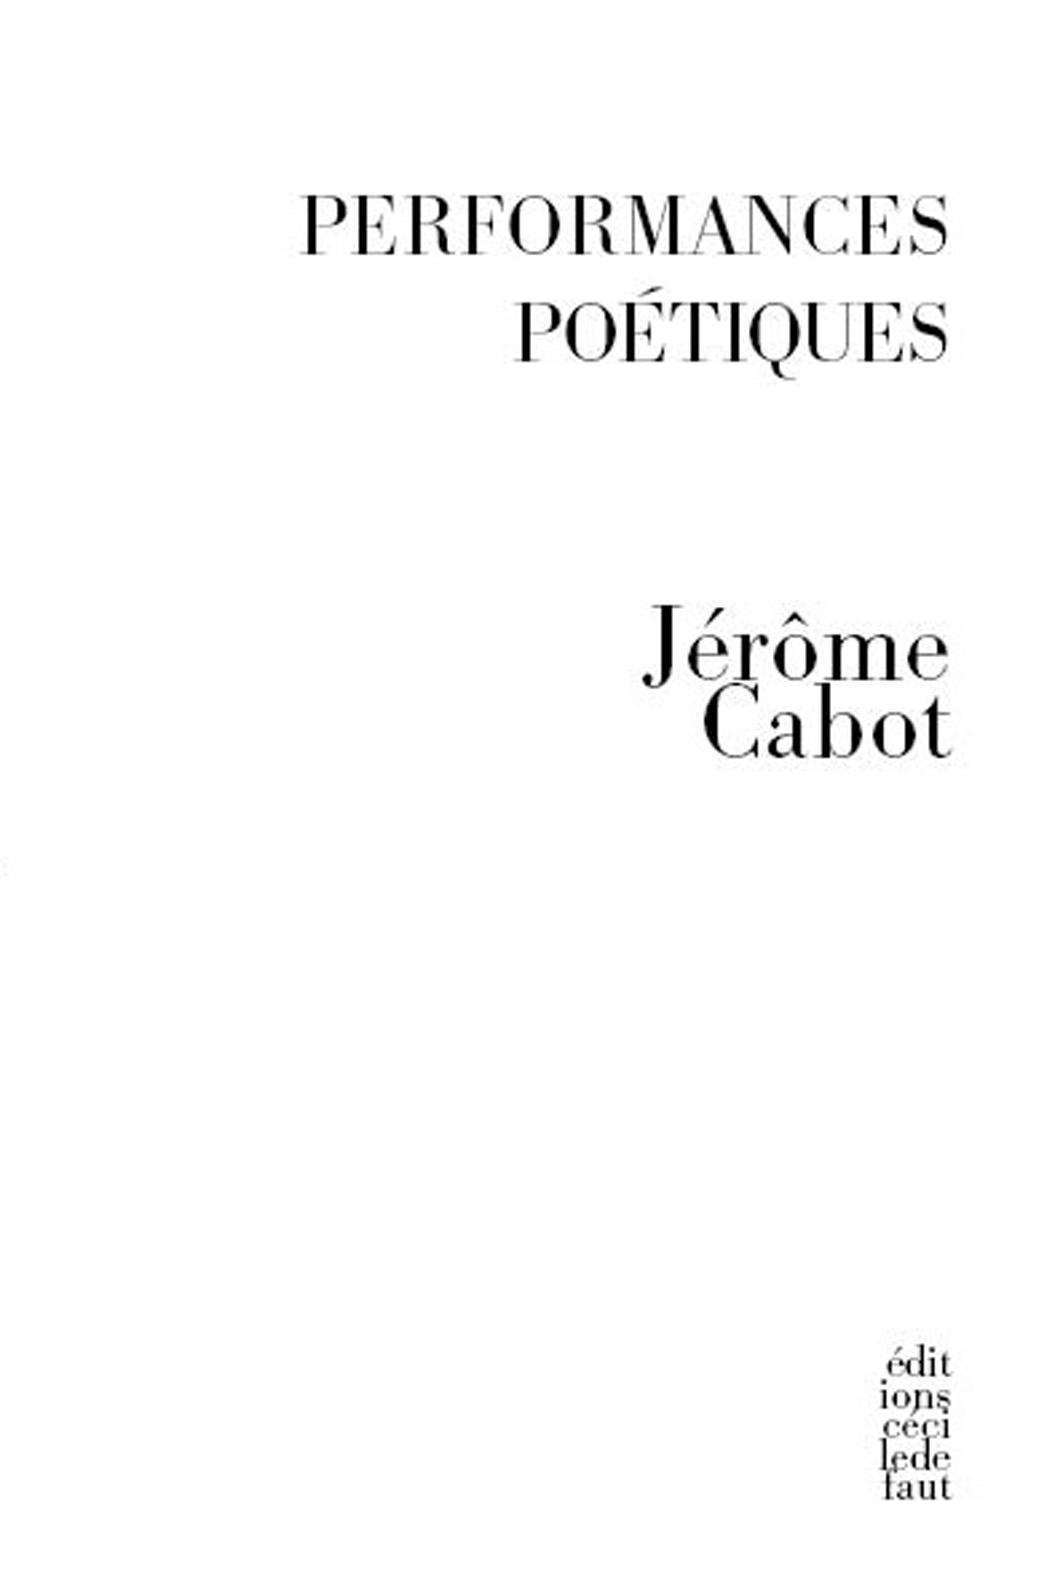 J. Cabot (dir.) : Performances poétiques